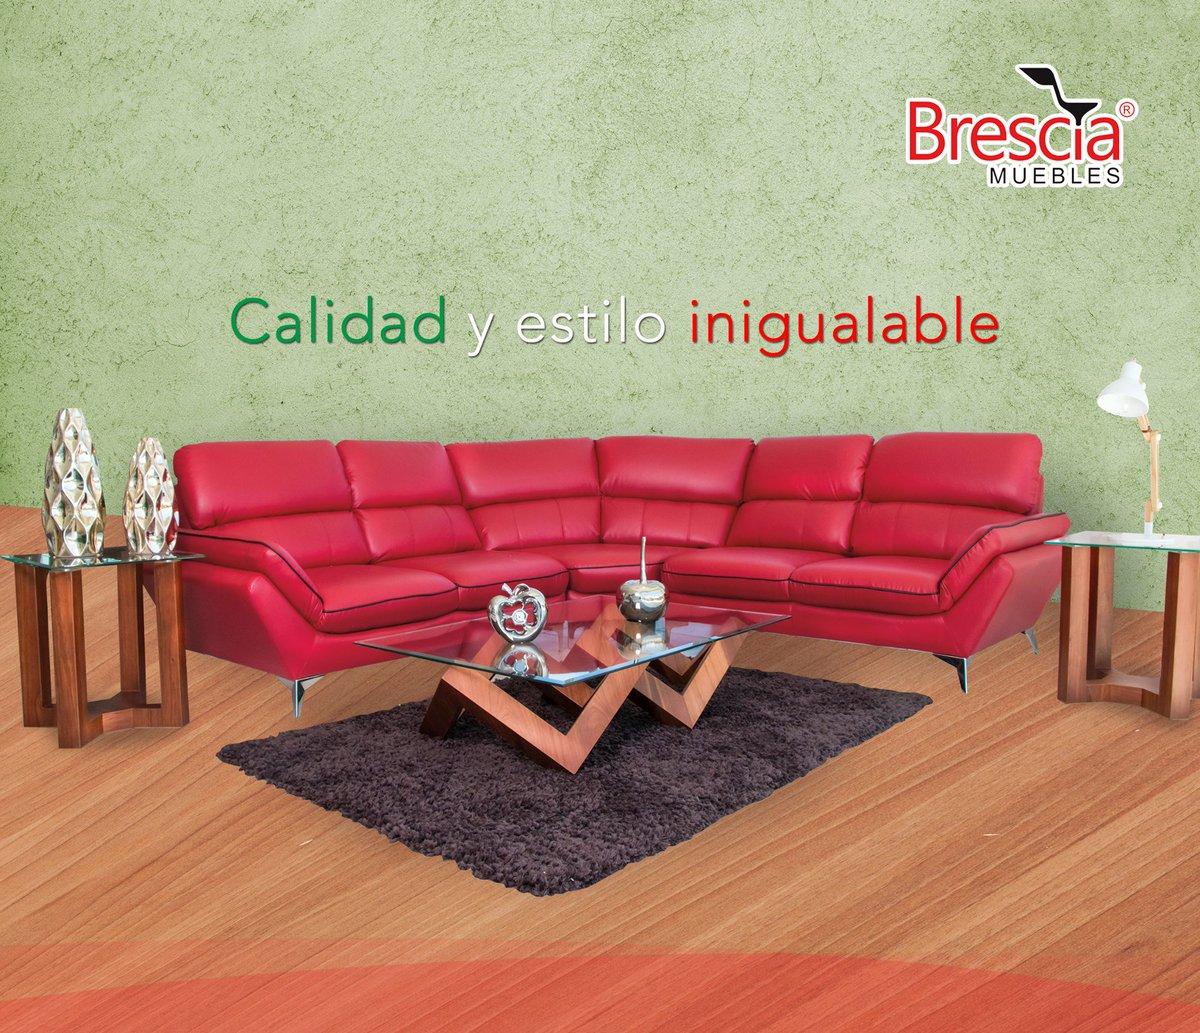 Muebles pachuca obtenga ideas dise o de muebles para su for Hogar muebles montevideo